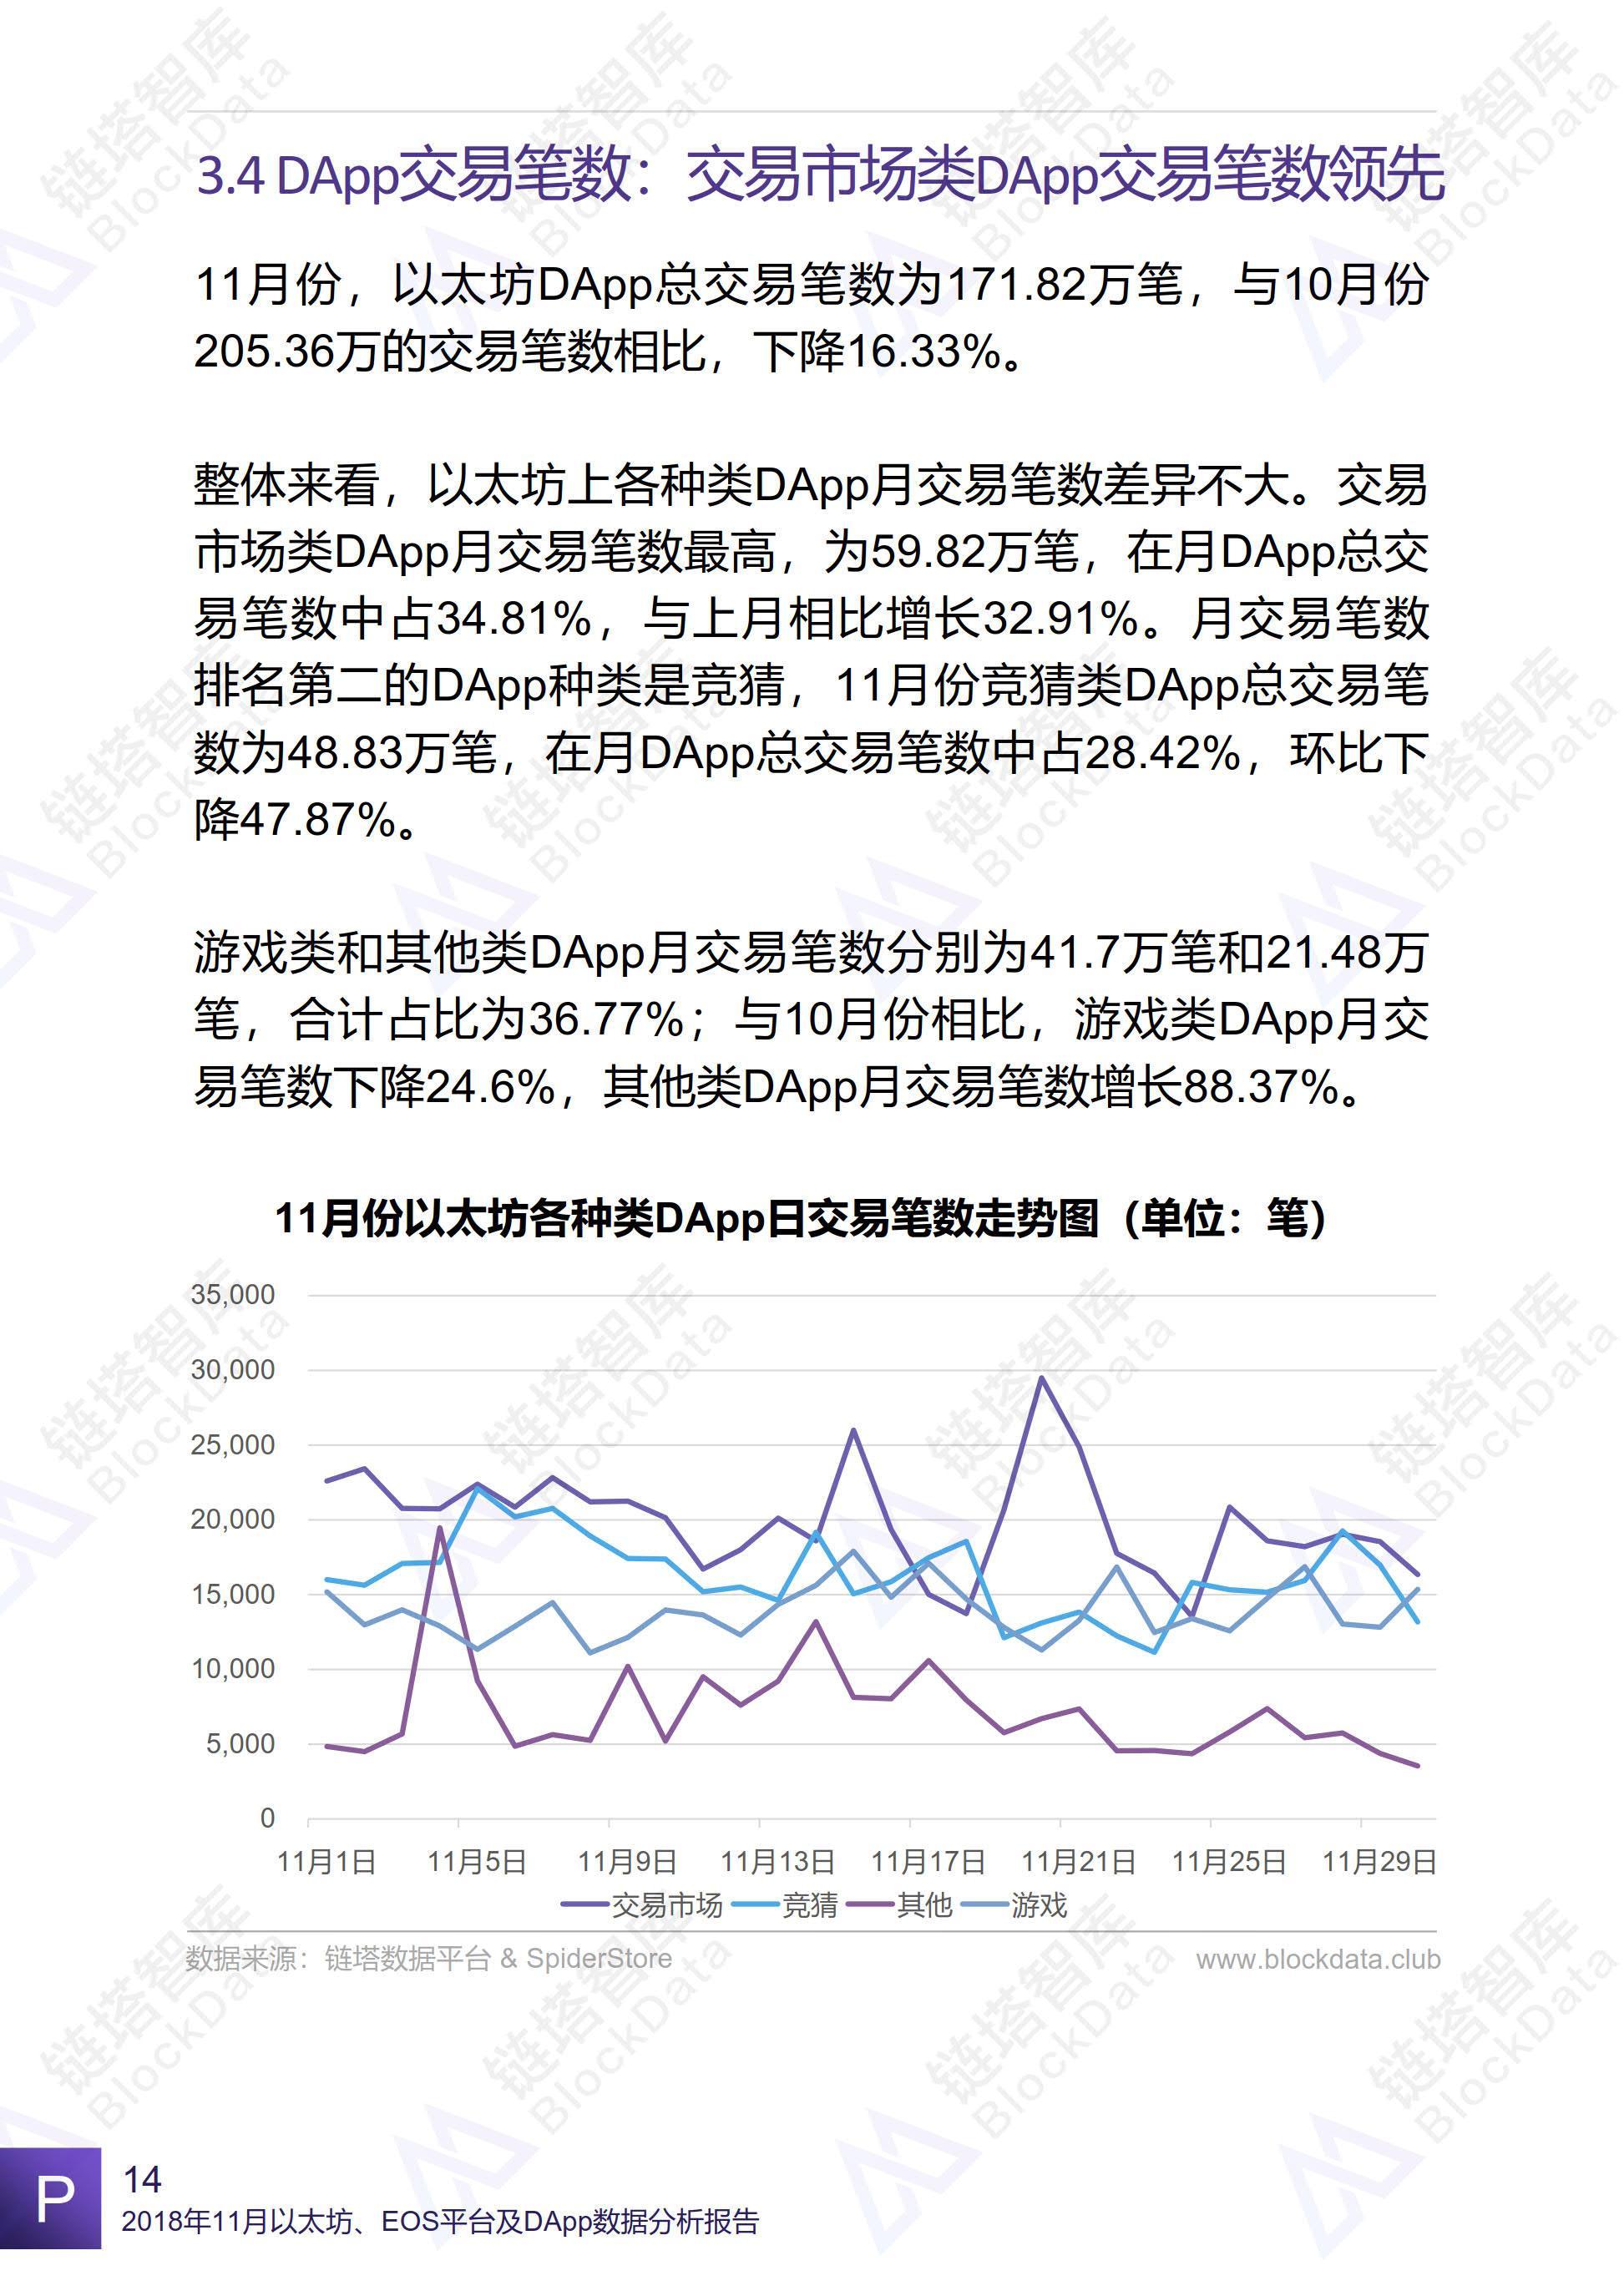 2018年11月以太坊、EOS平台及DApp数据分析报告